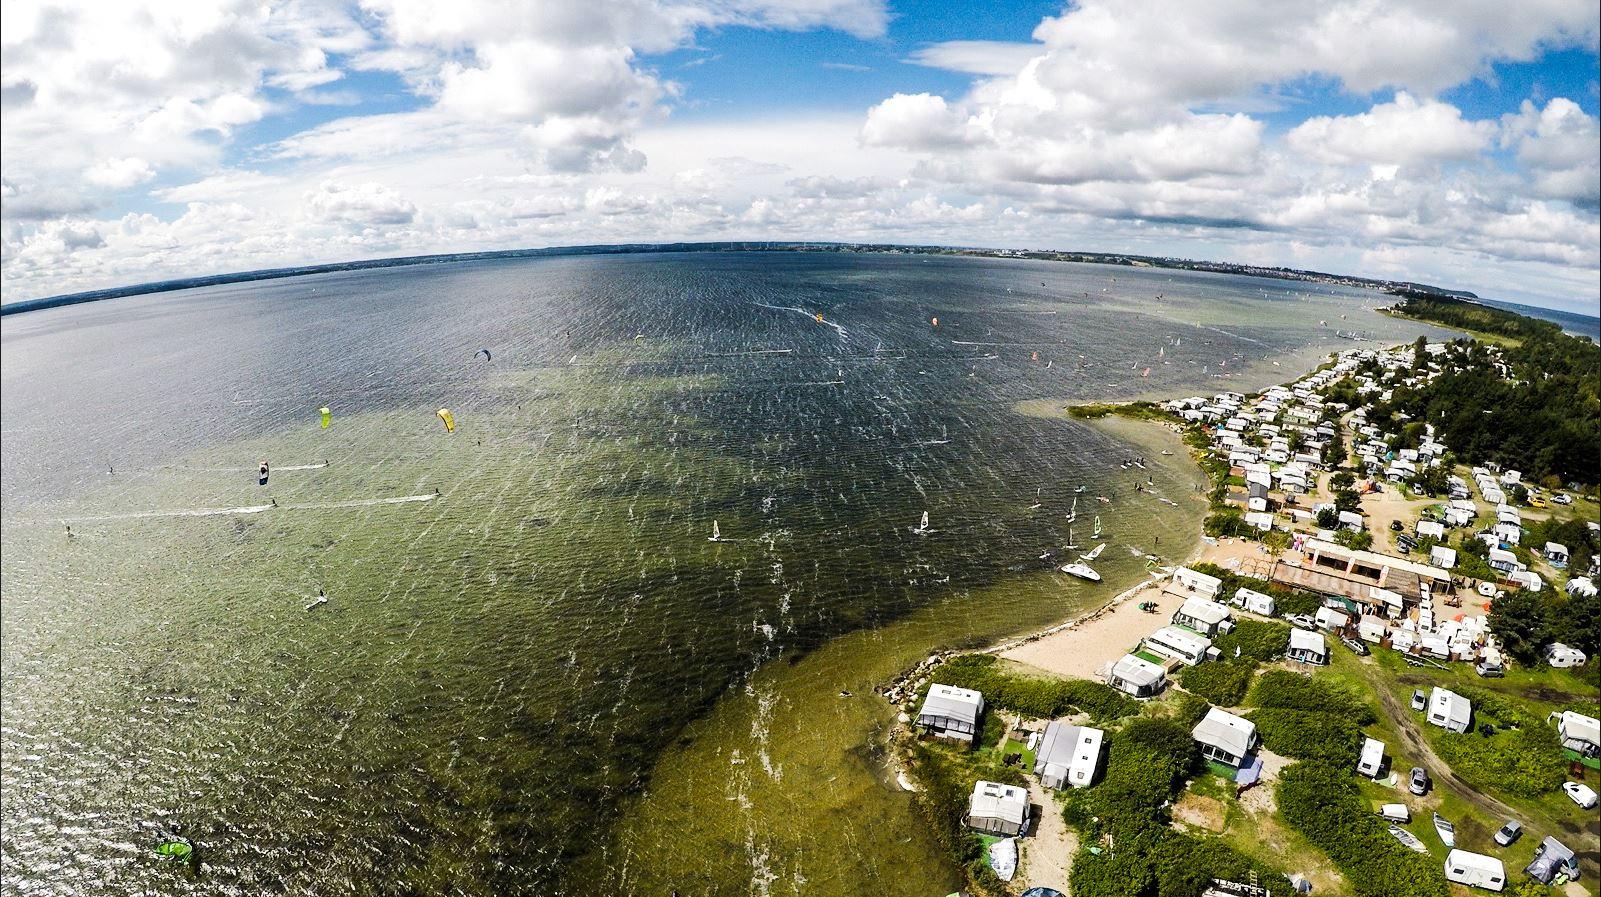 Półwysep oferufje wiele miejsc gdzie można odbyć kurs kitesurfingu